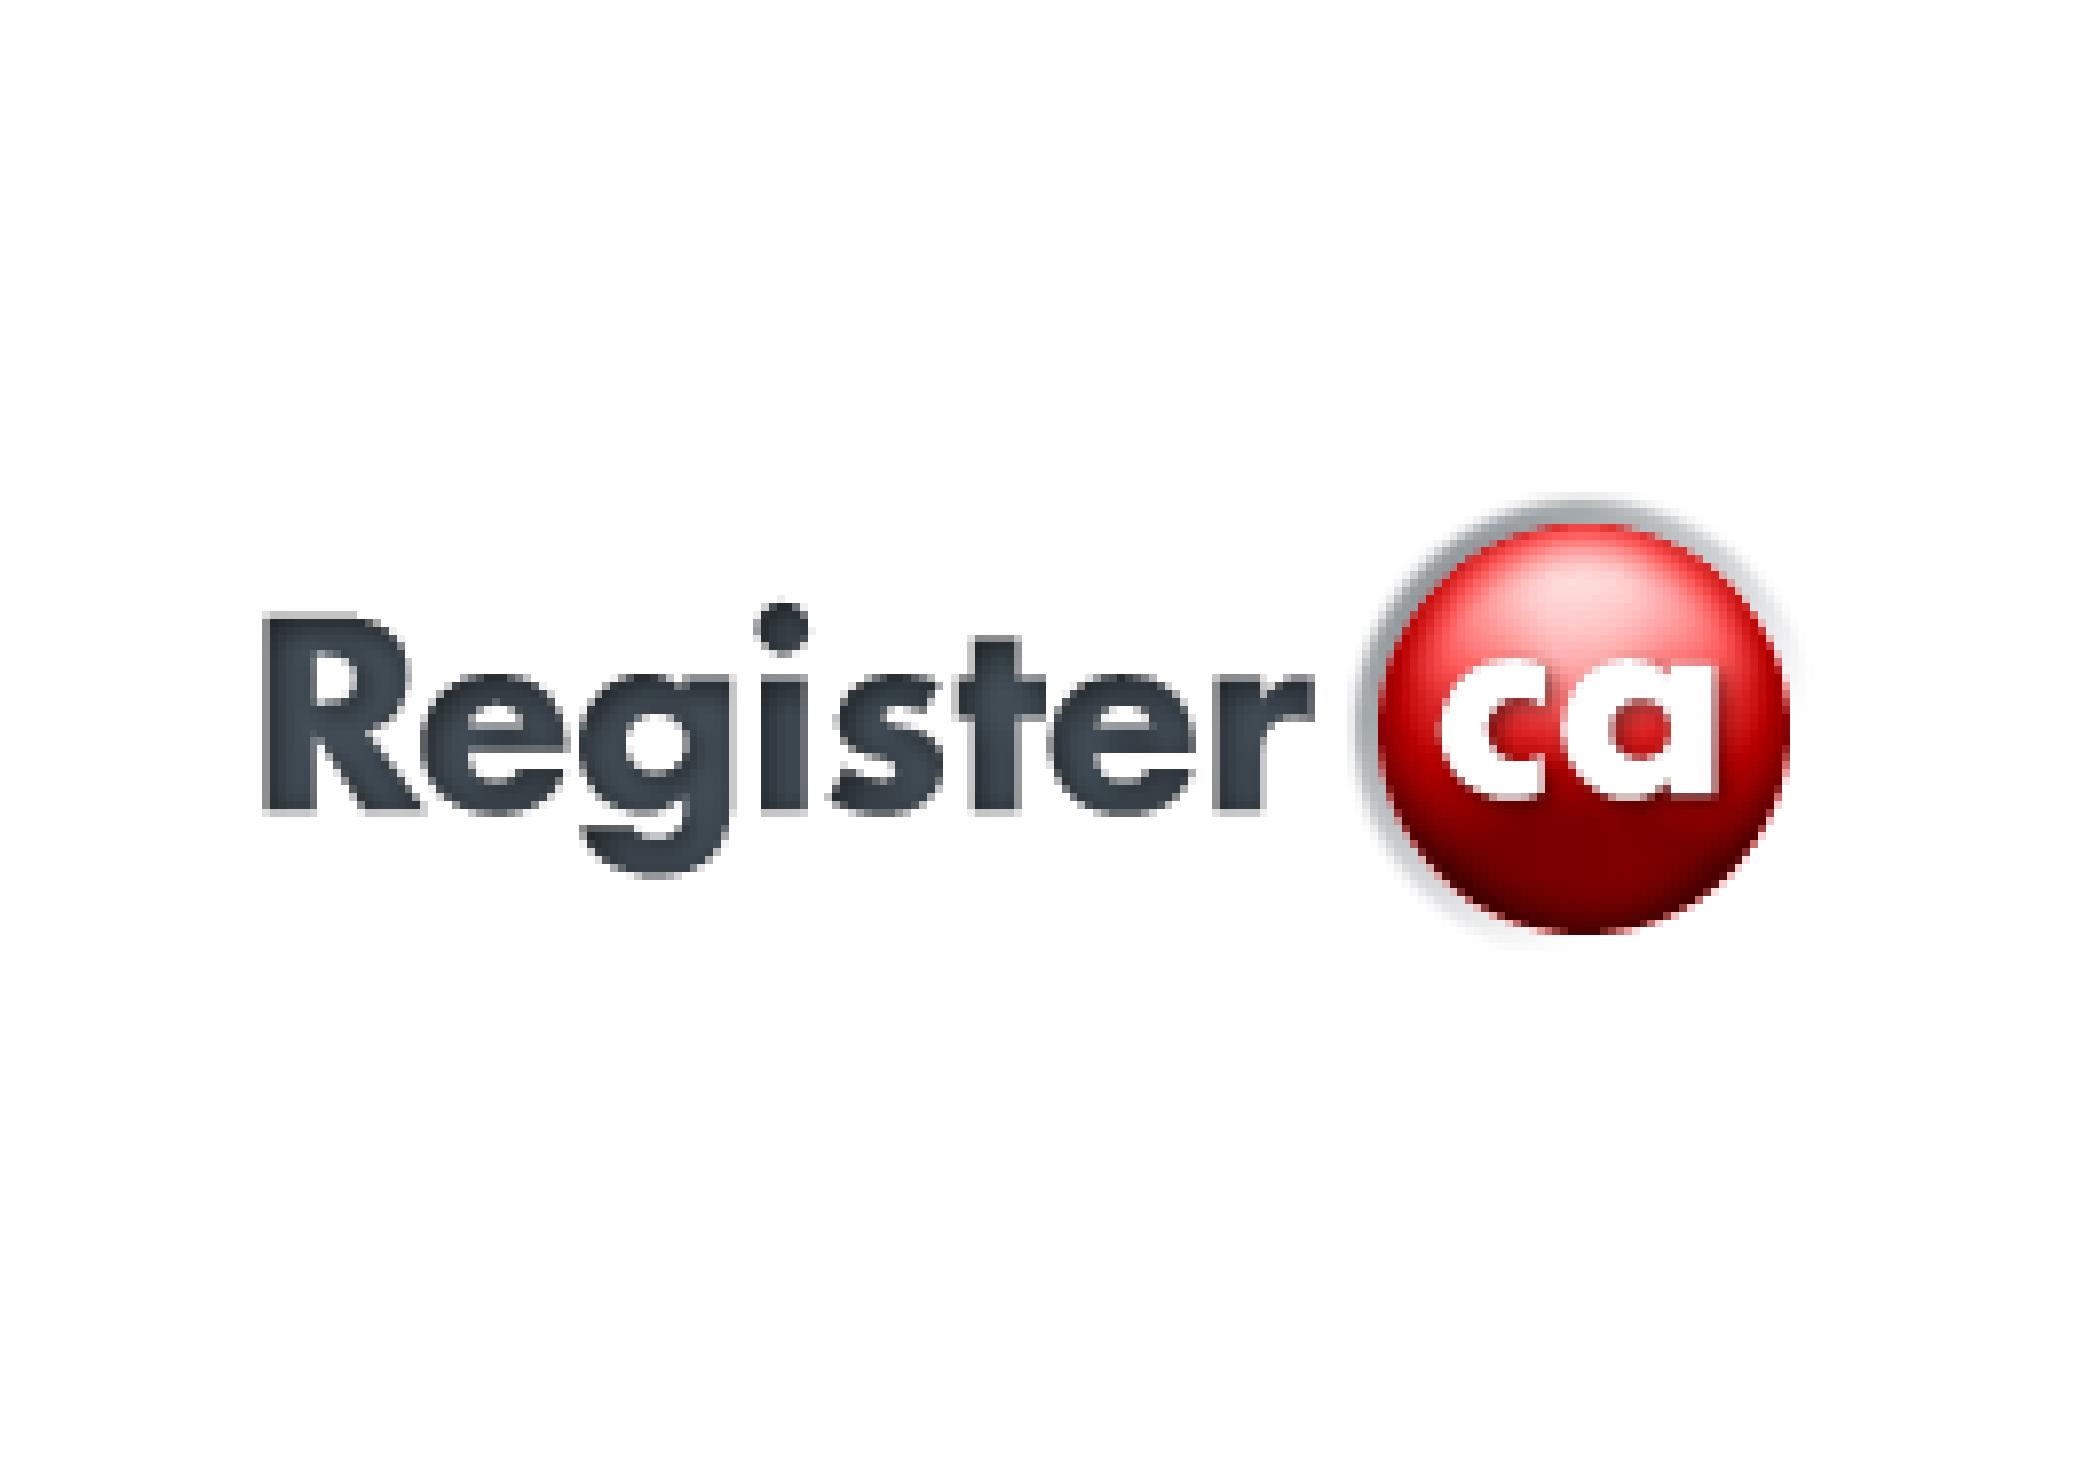 Register.ca